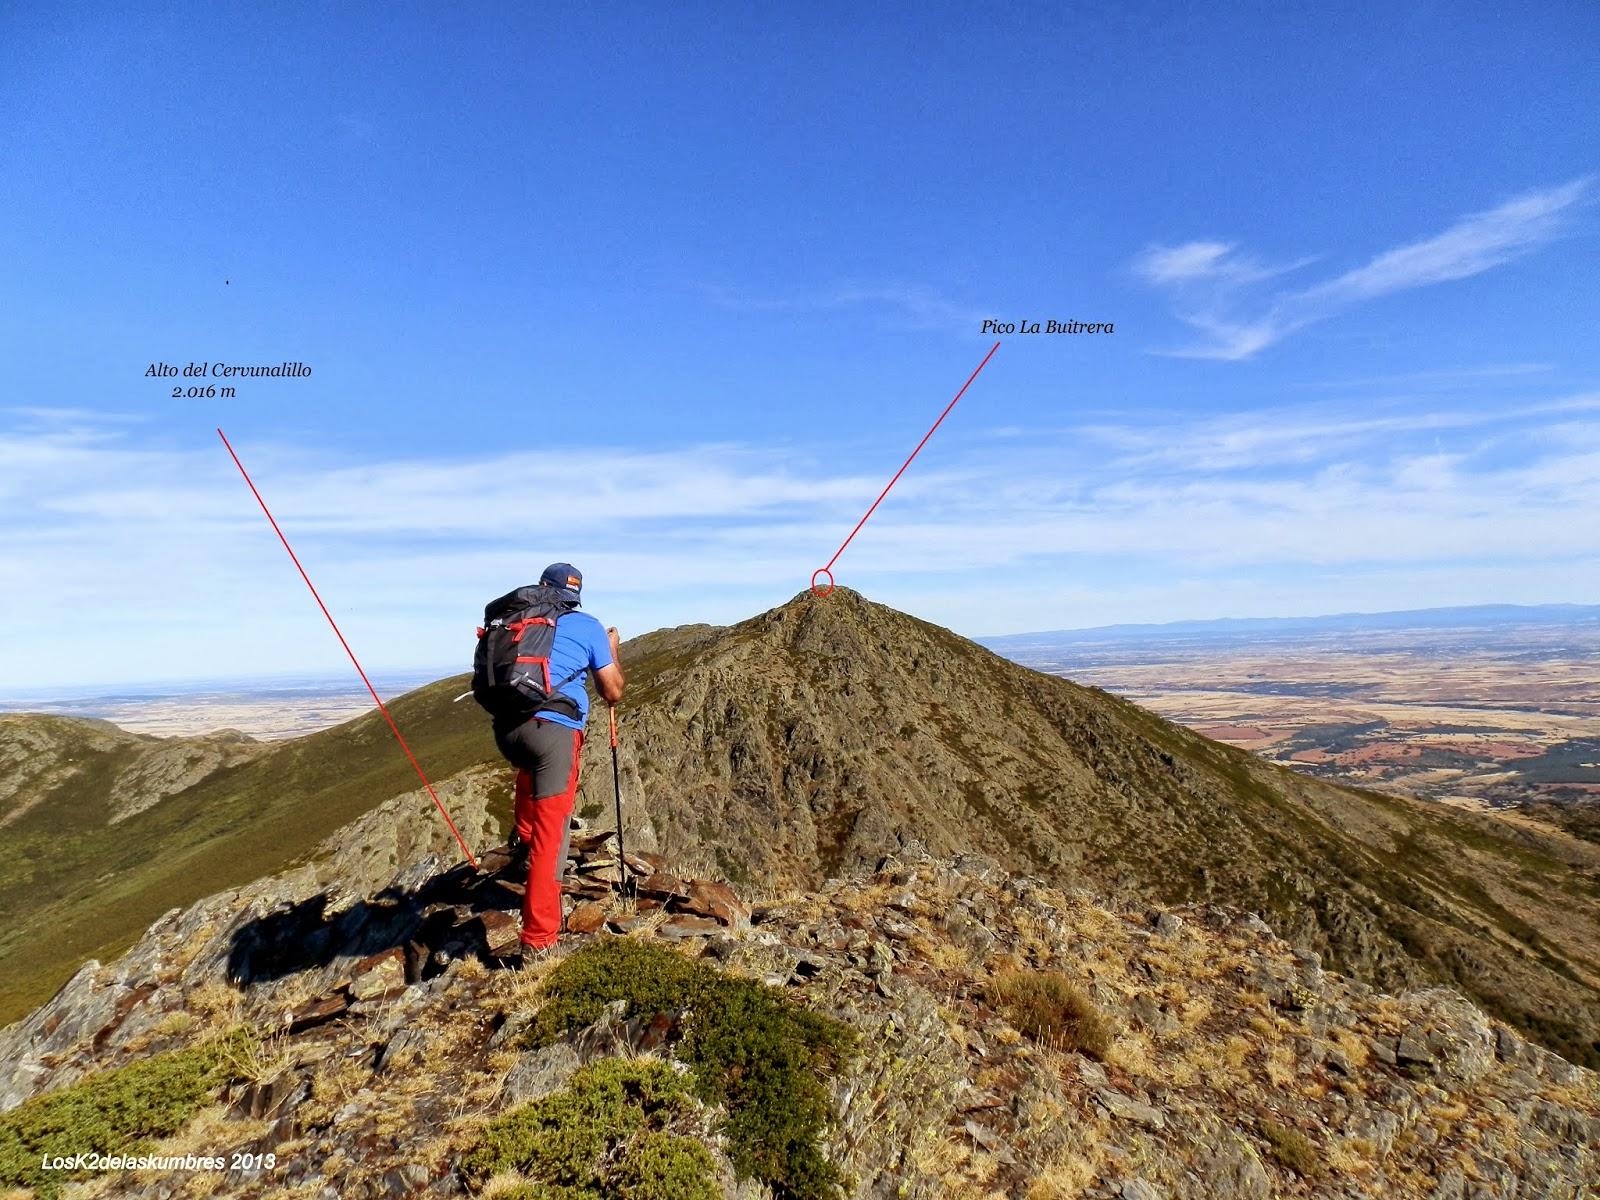 El Cervunalillo hacia el Pico la Buitrera